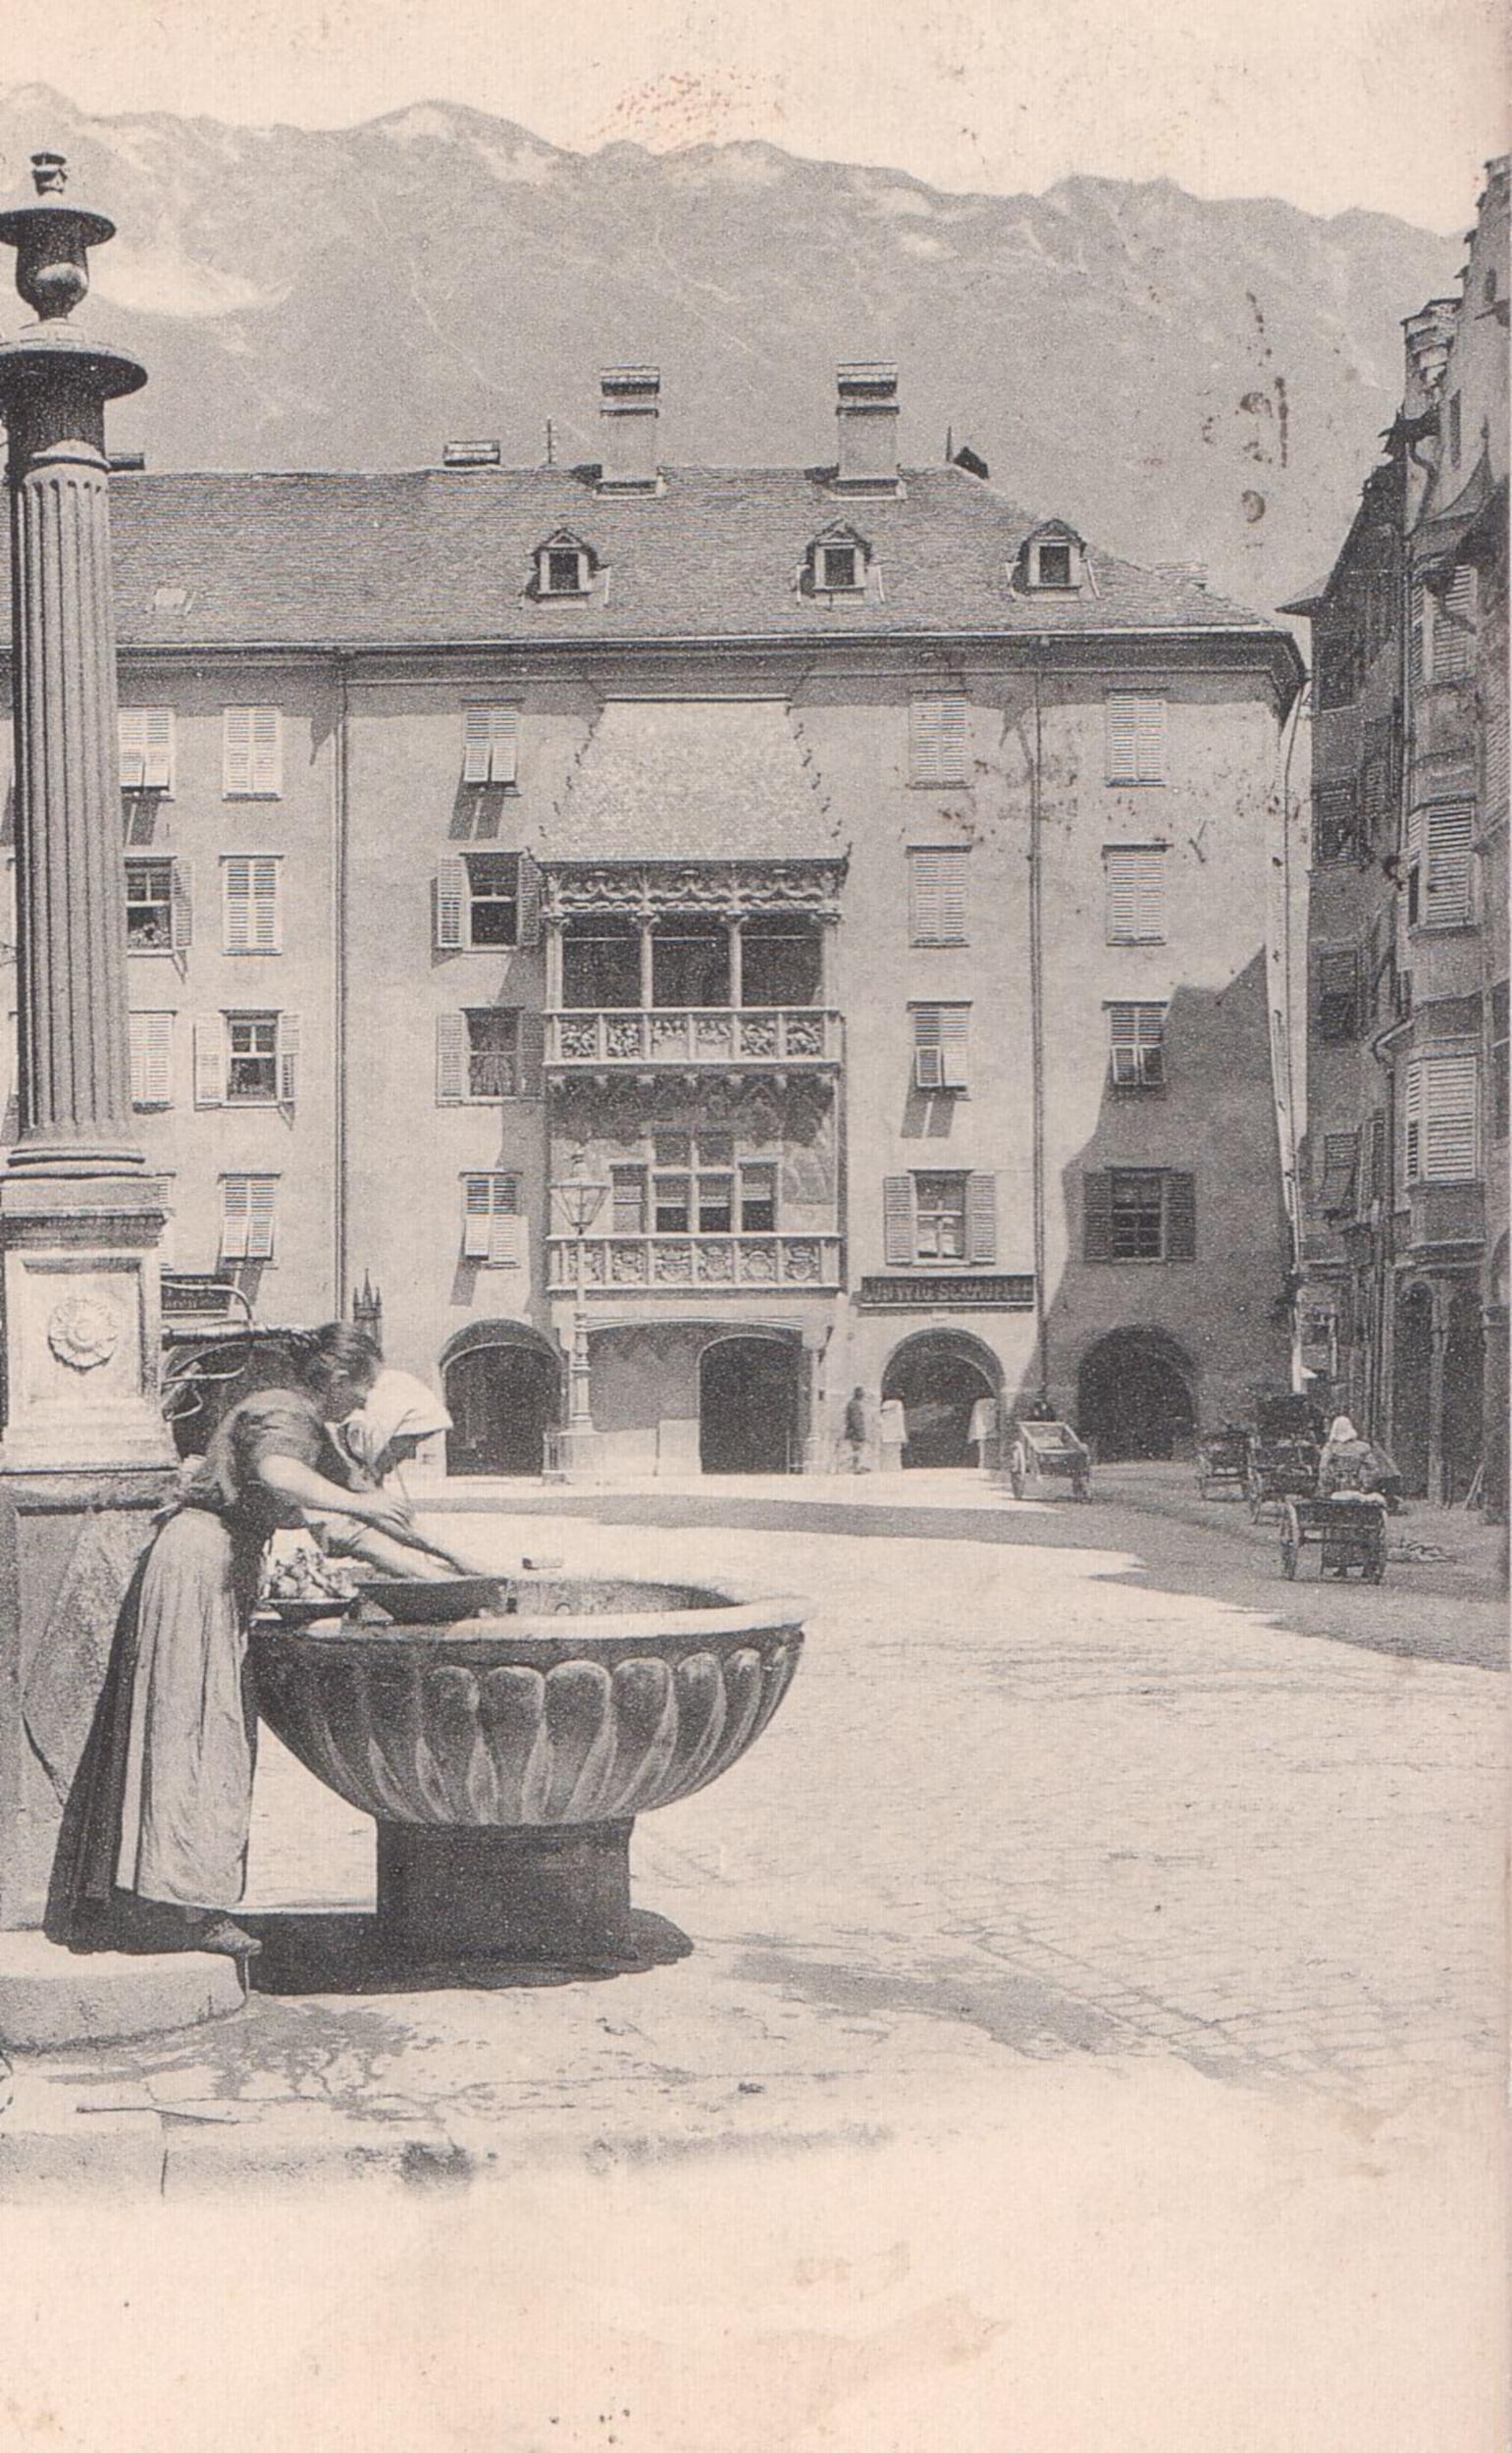 Der Trautsonbrunnen